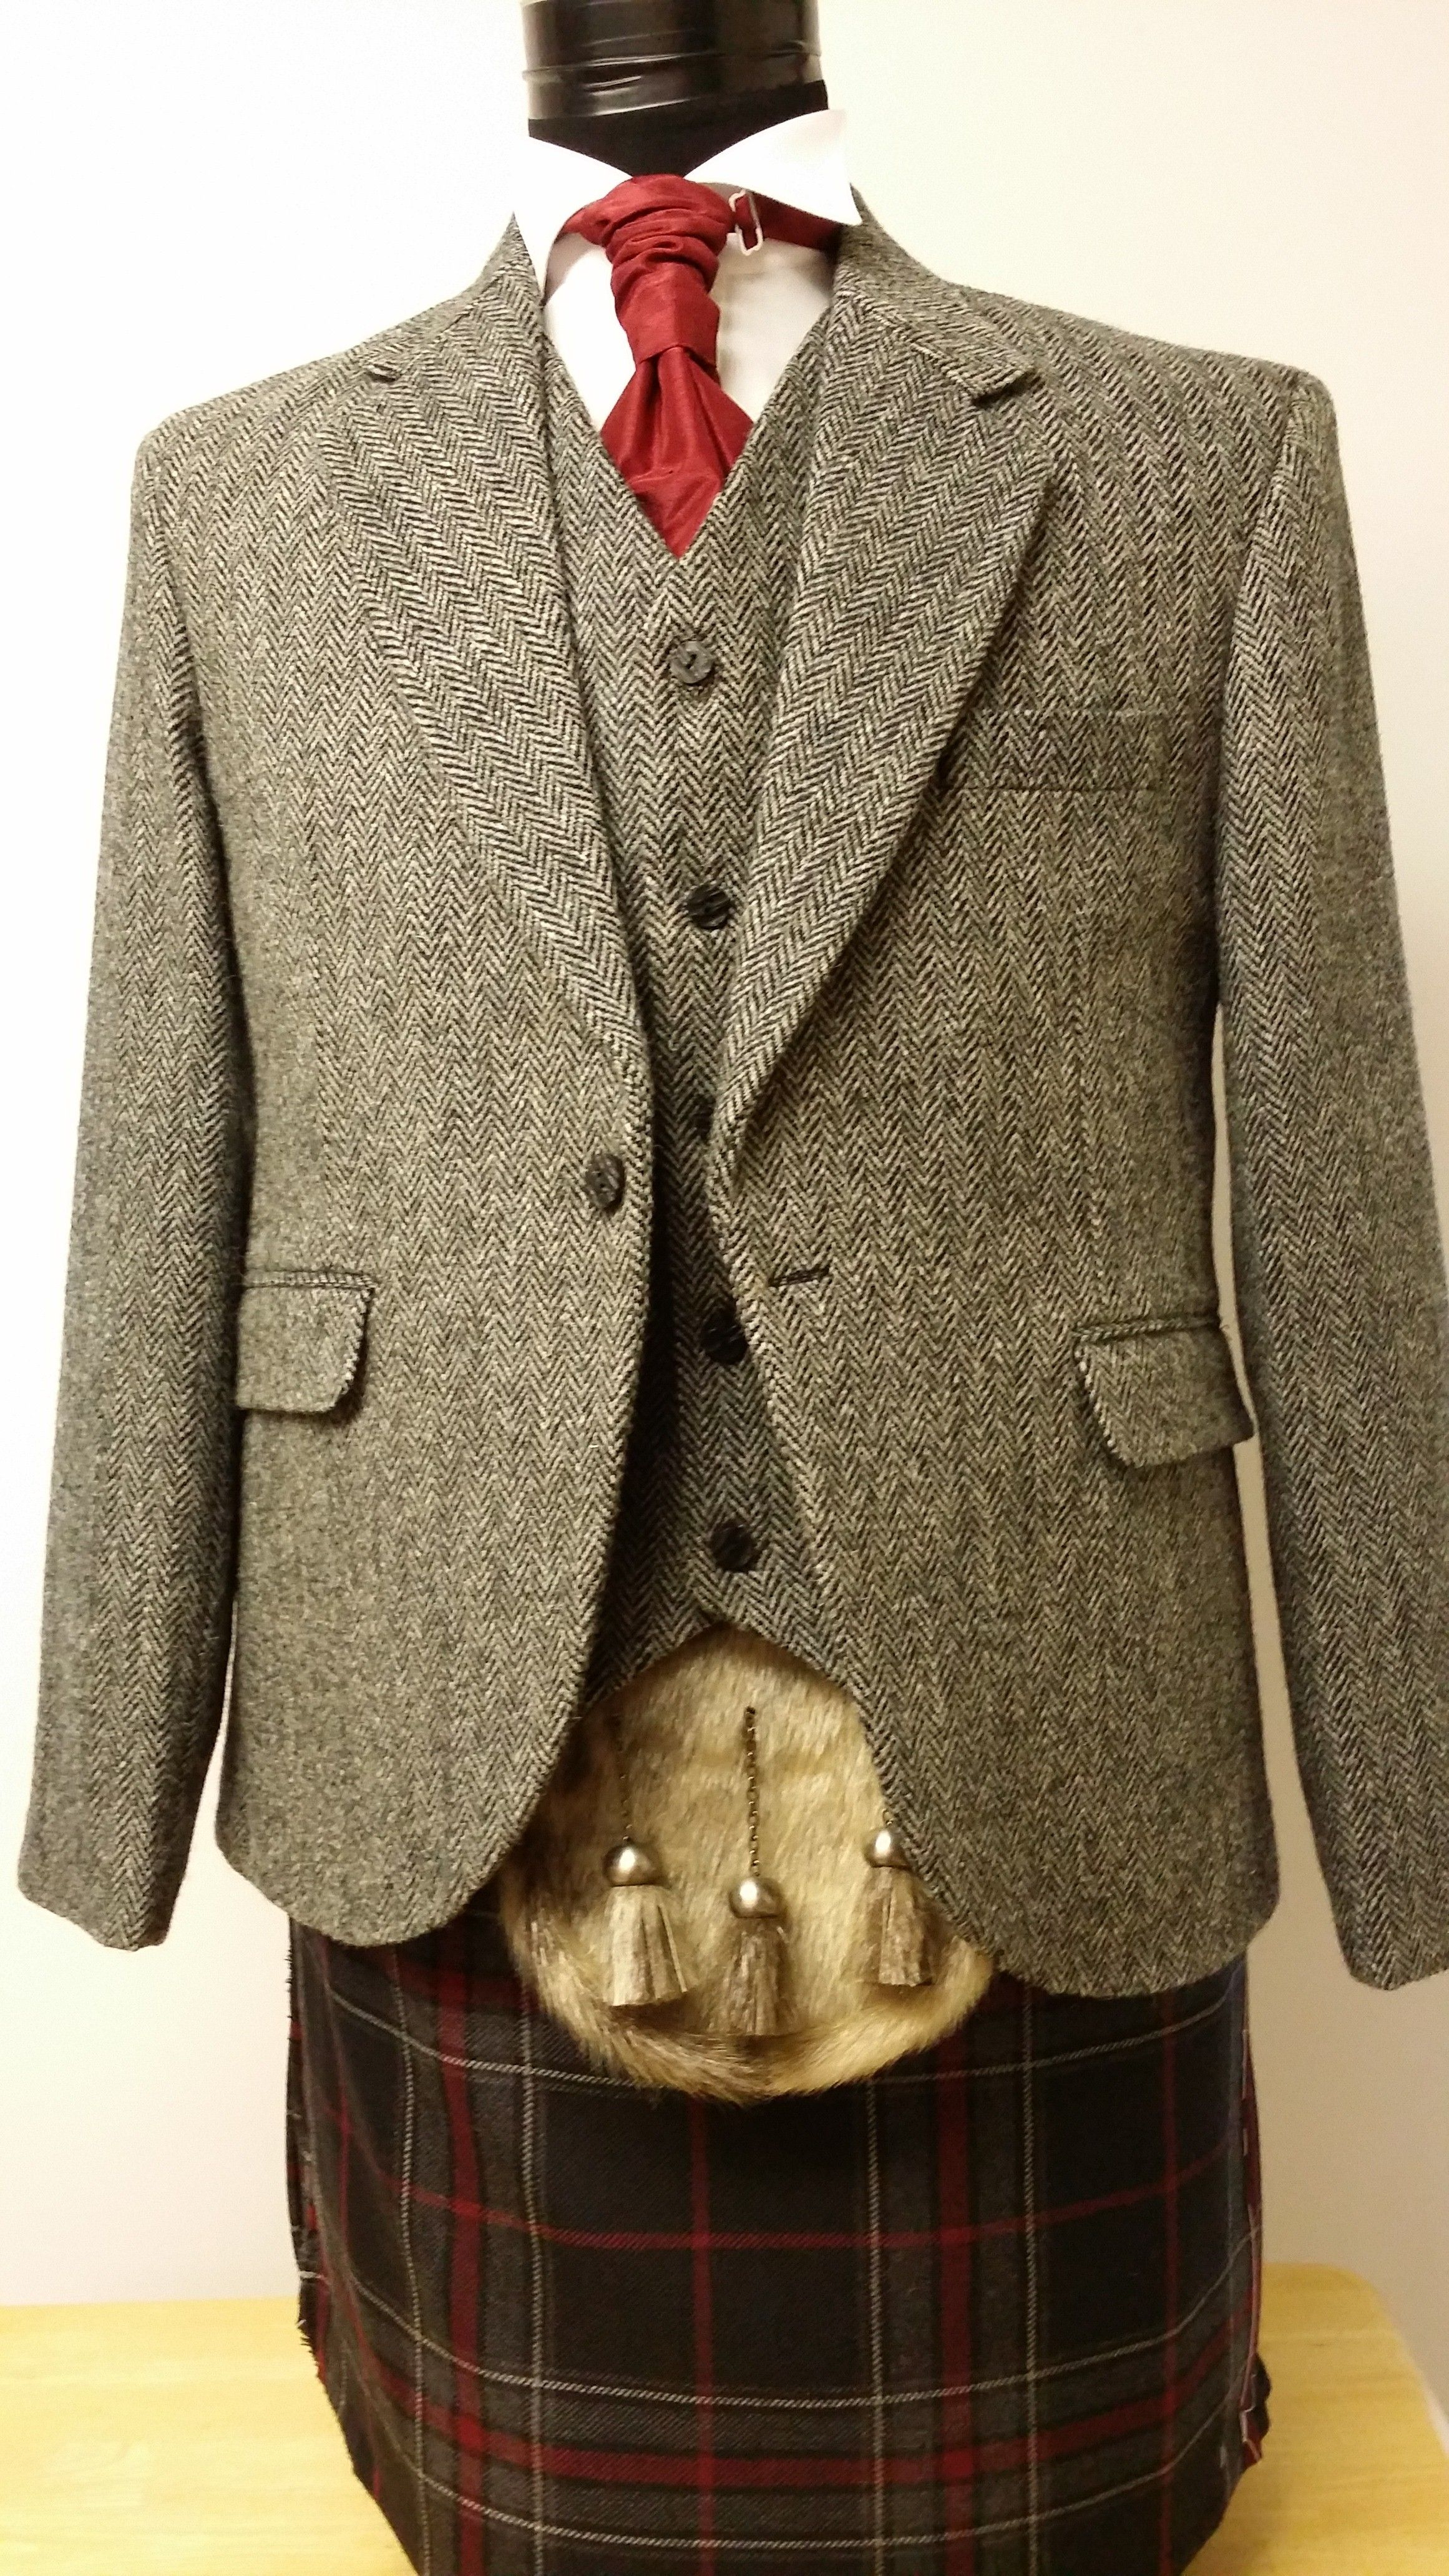 Harris Tweed Day Jacket Set Harris Tweed Jackets Kilts